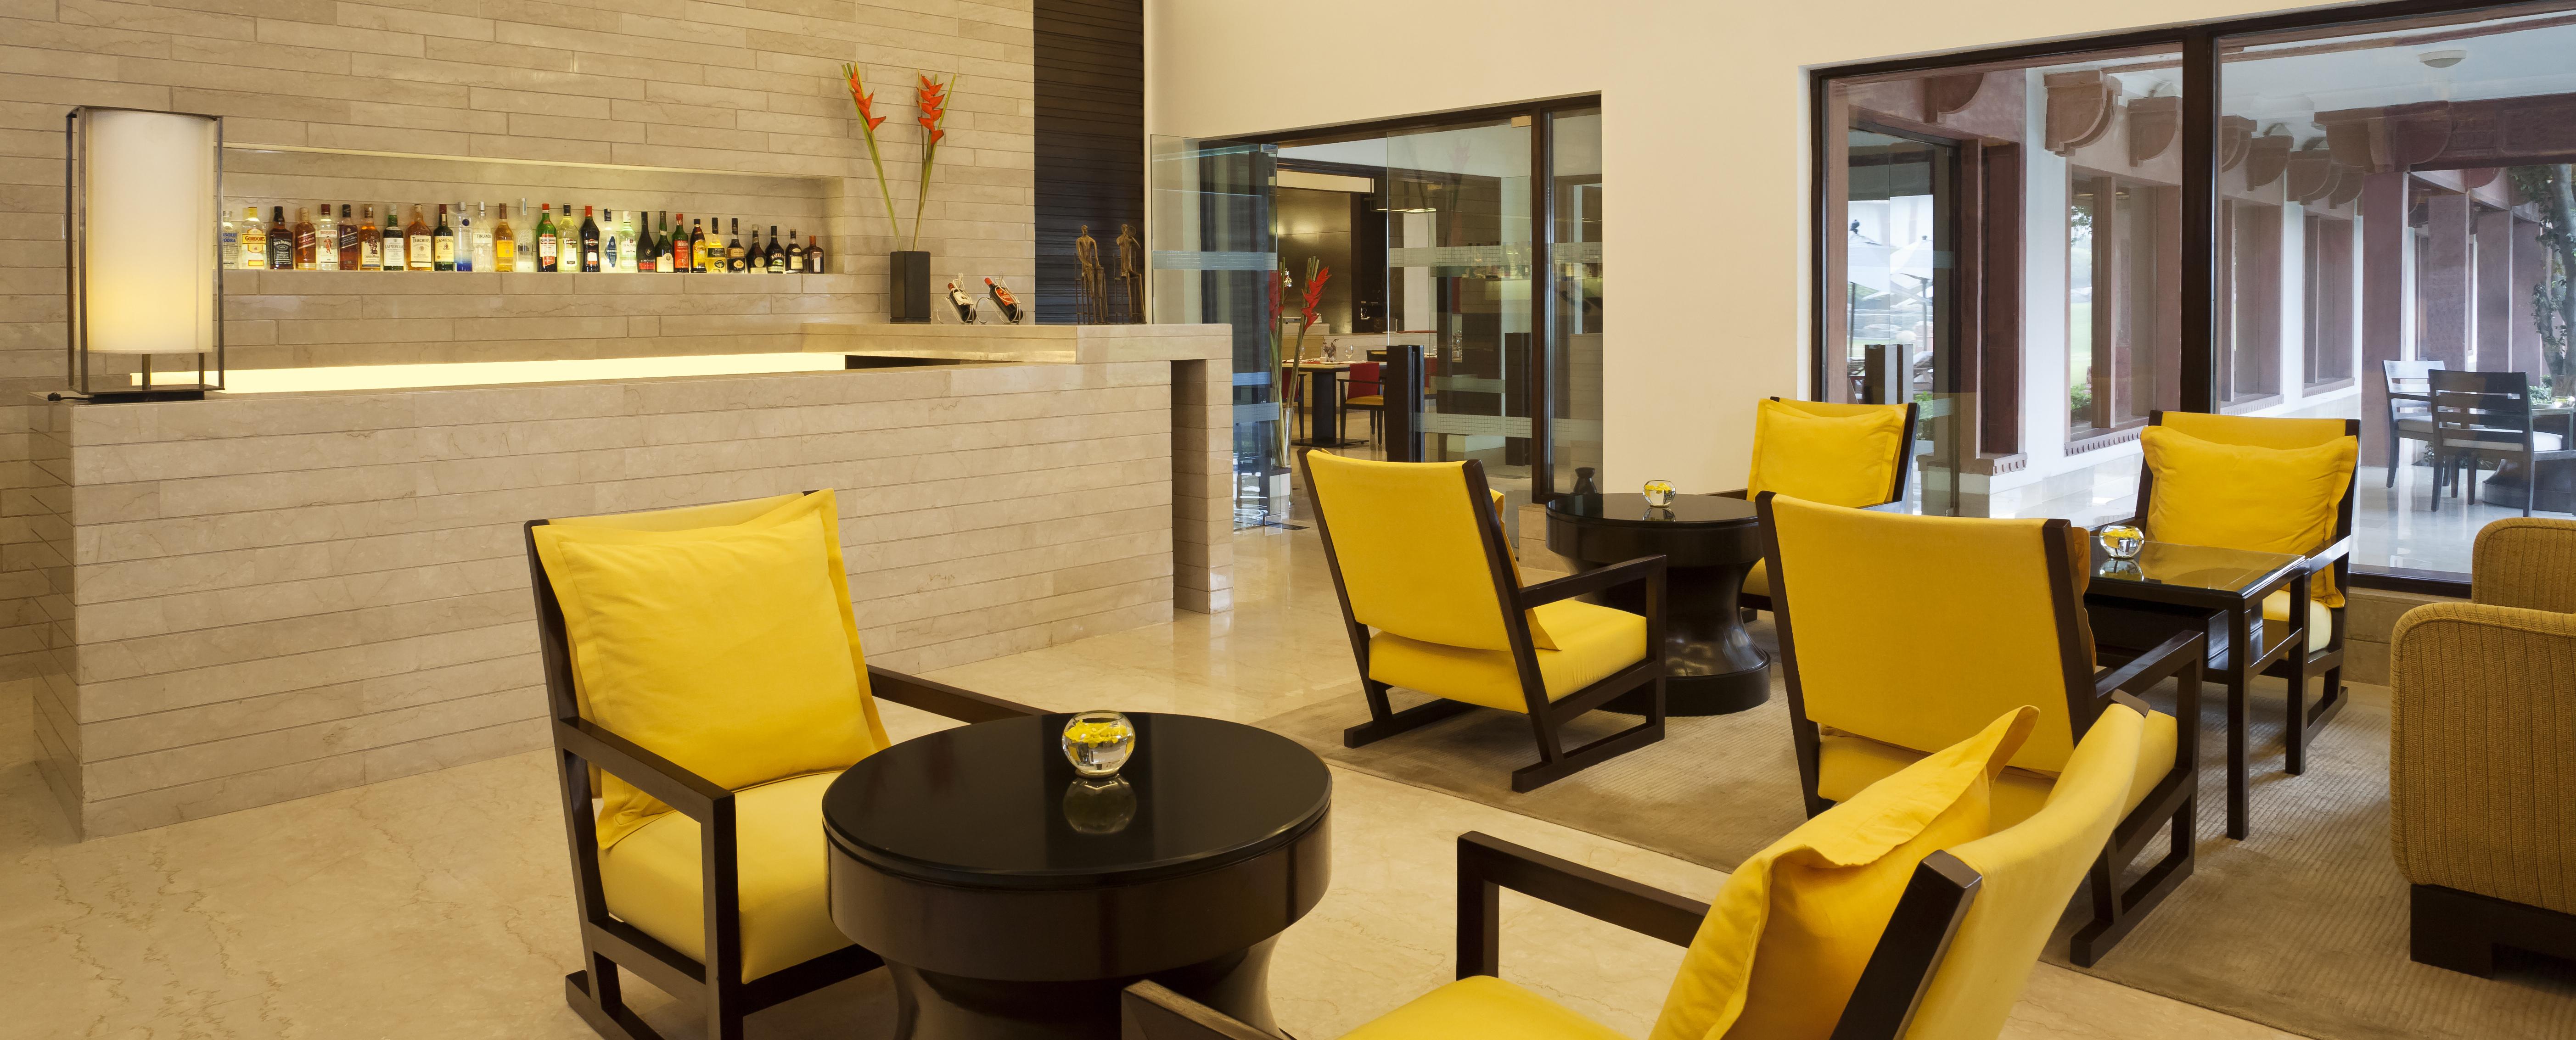 Trident-Hotel-Agra-Bar